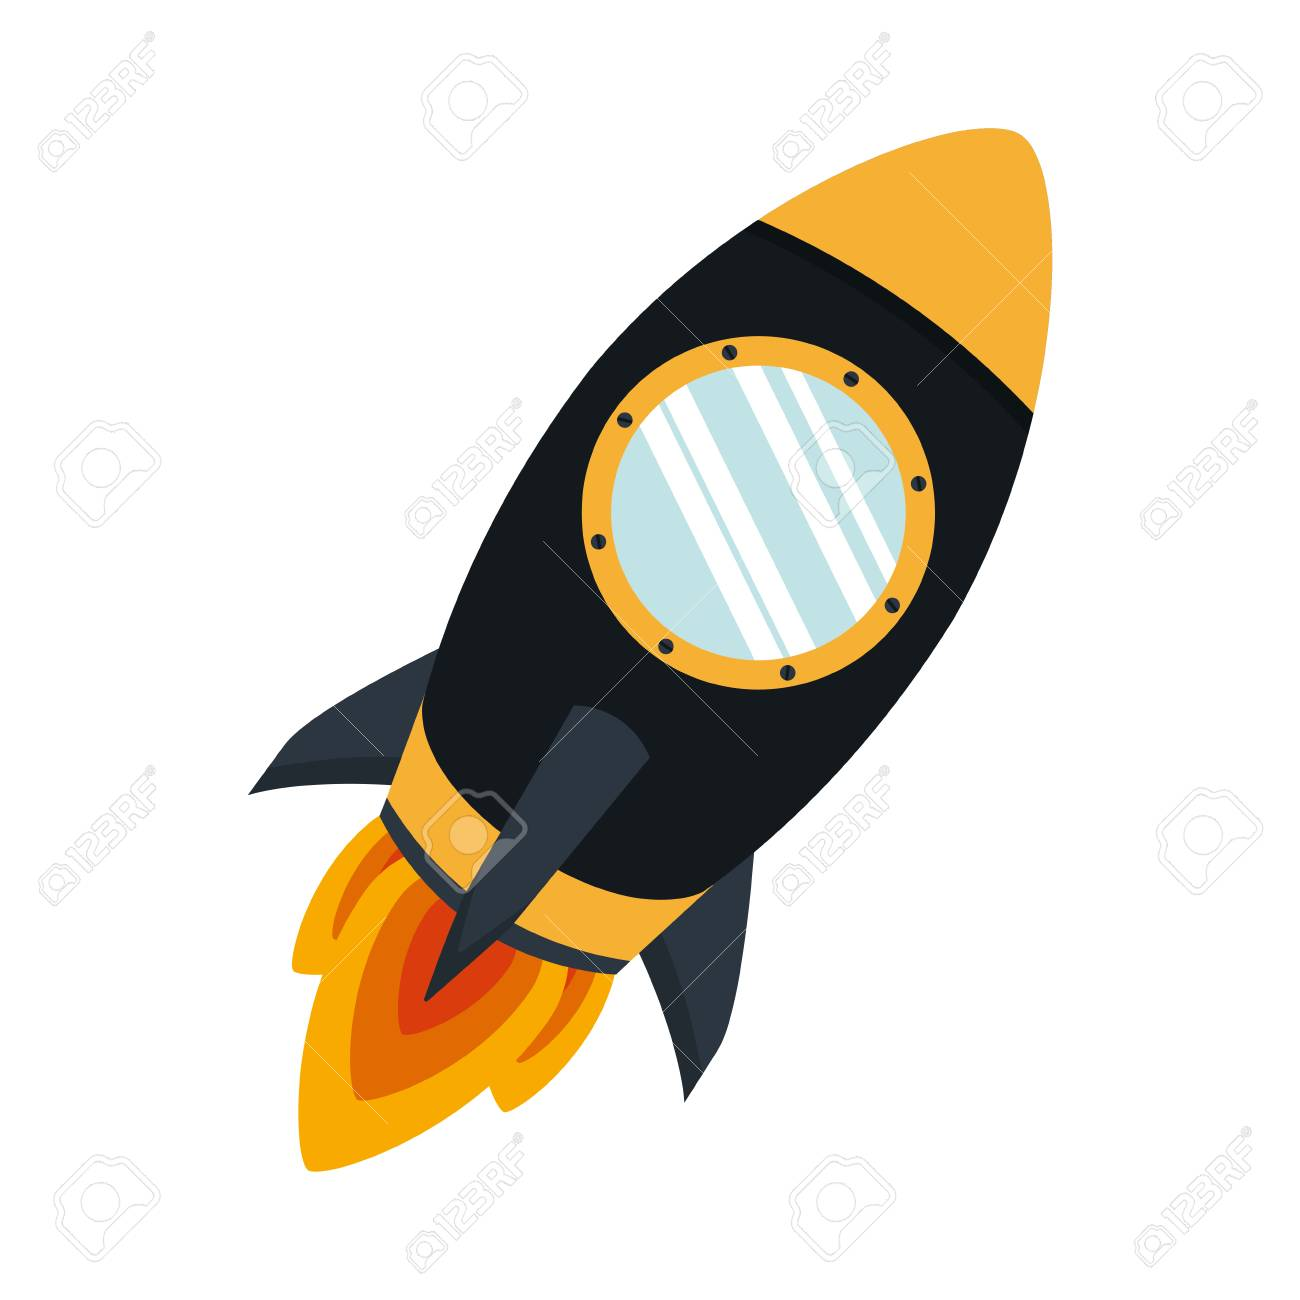 Color De La Silueta Con La Ilustración De Vector De Cohete Espacial ...